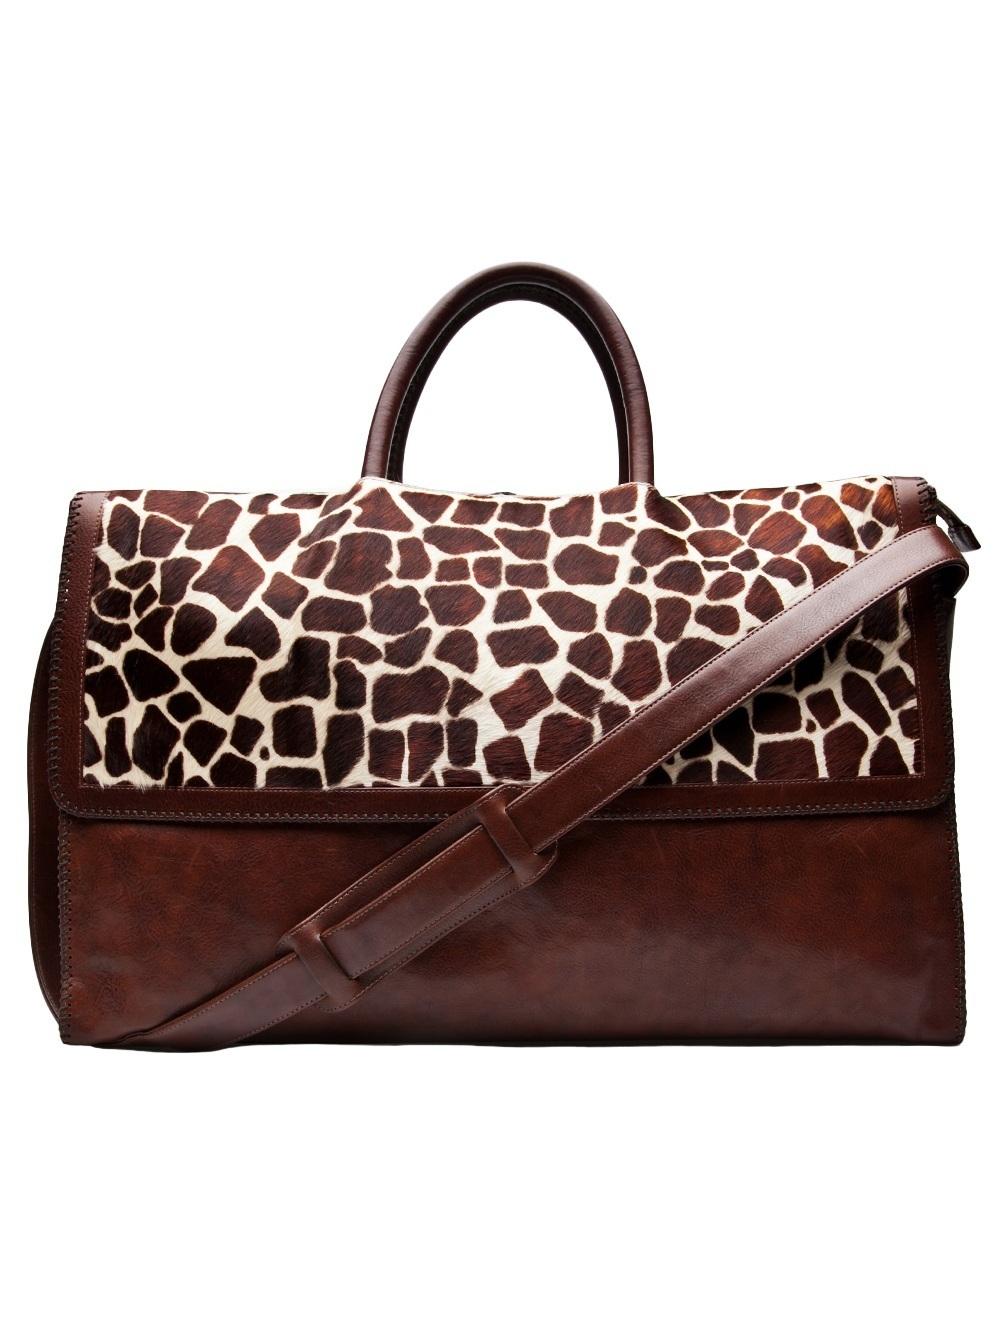 Viaggio a zanzibar cosa portare in valigia per uno stile - Zanzibar medicine da portare ...